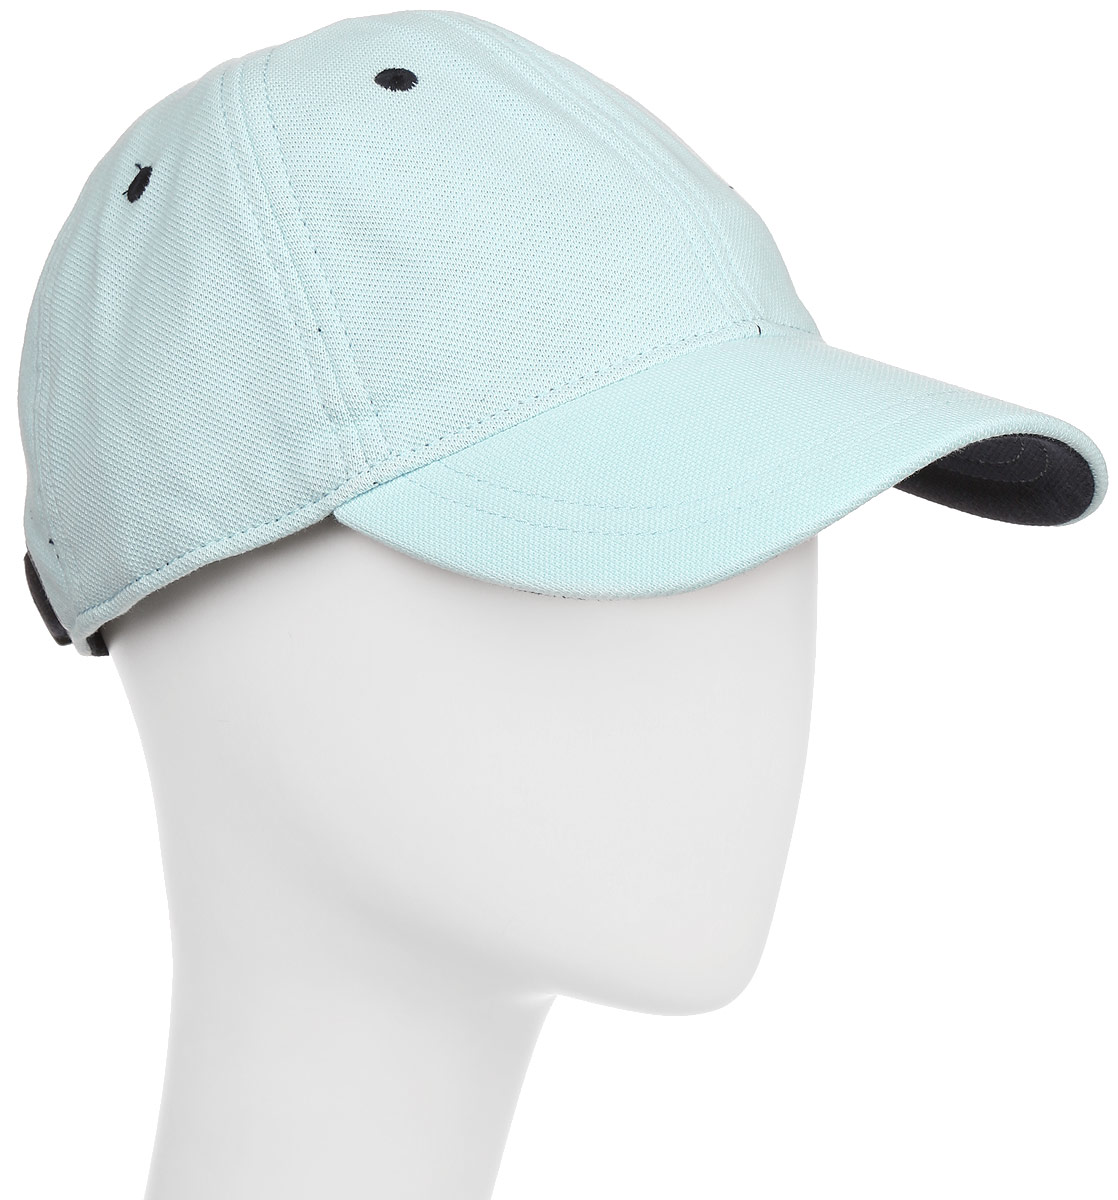 Бейсболка мужская Fred Perry Pique Classic Cap, цвет: голубой. HW1610-105. Размер универсальныйHW1610-105